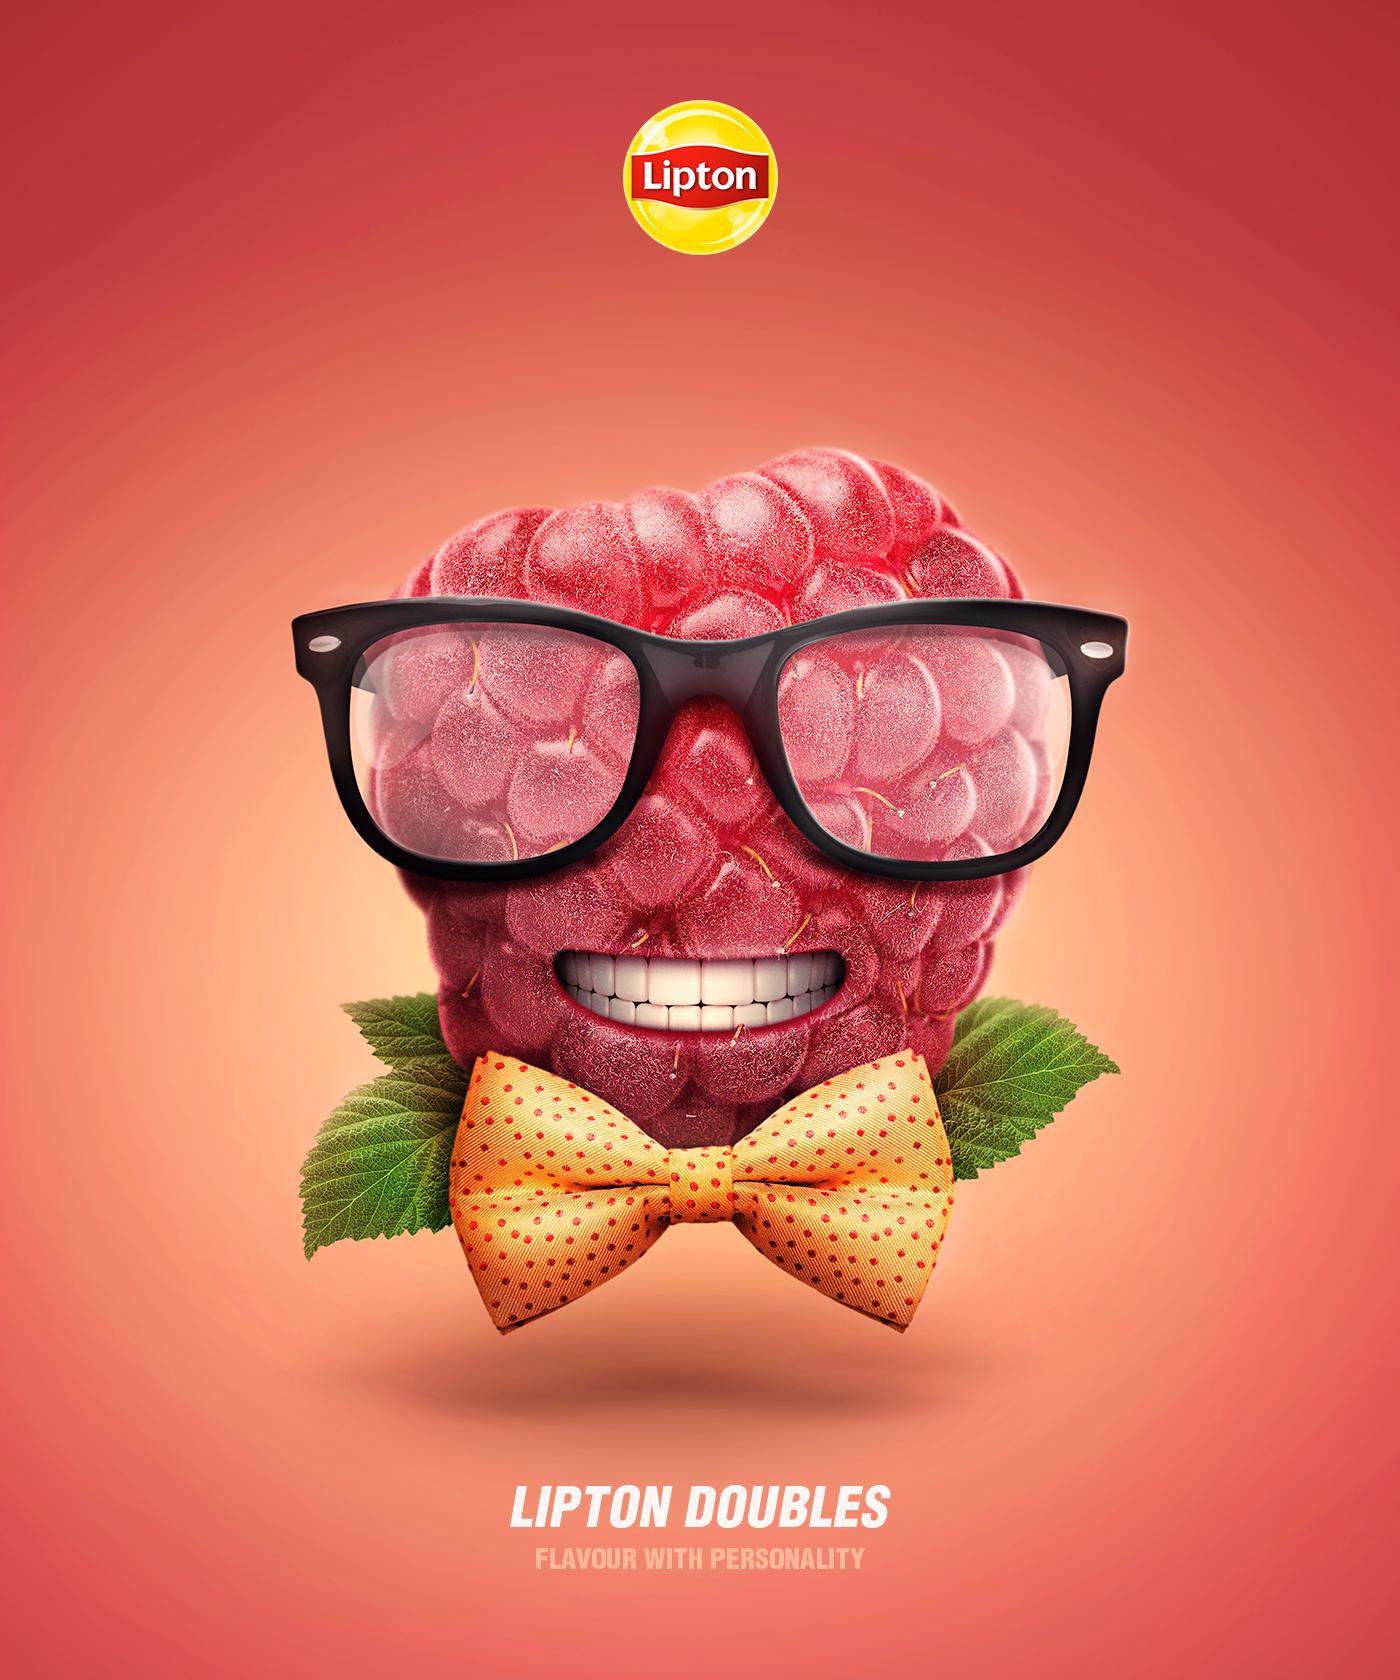 Lipton Print Ad - Lipton Doubles, 2